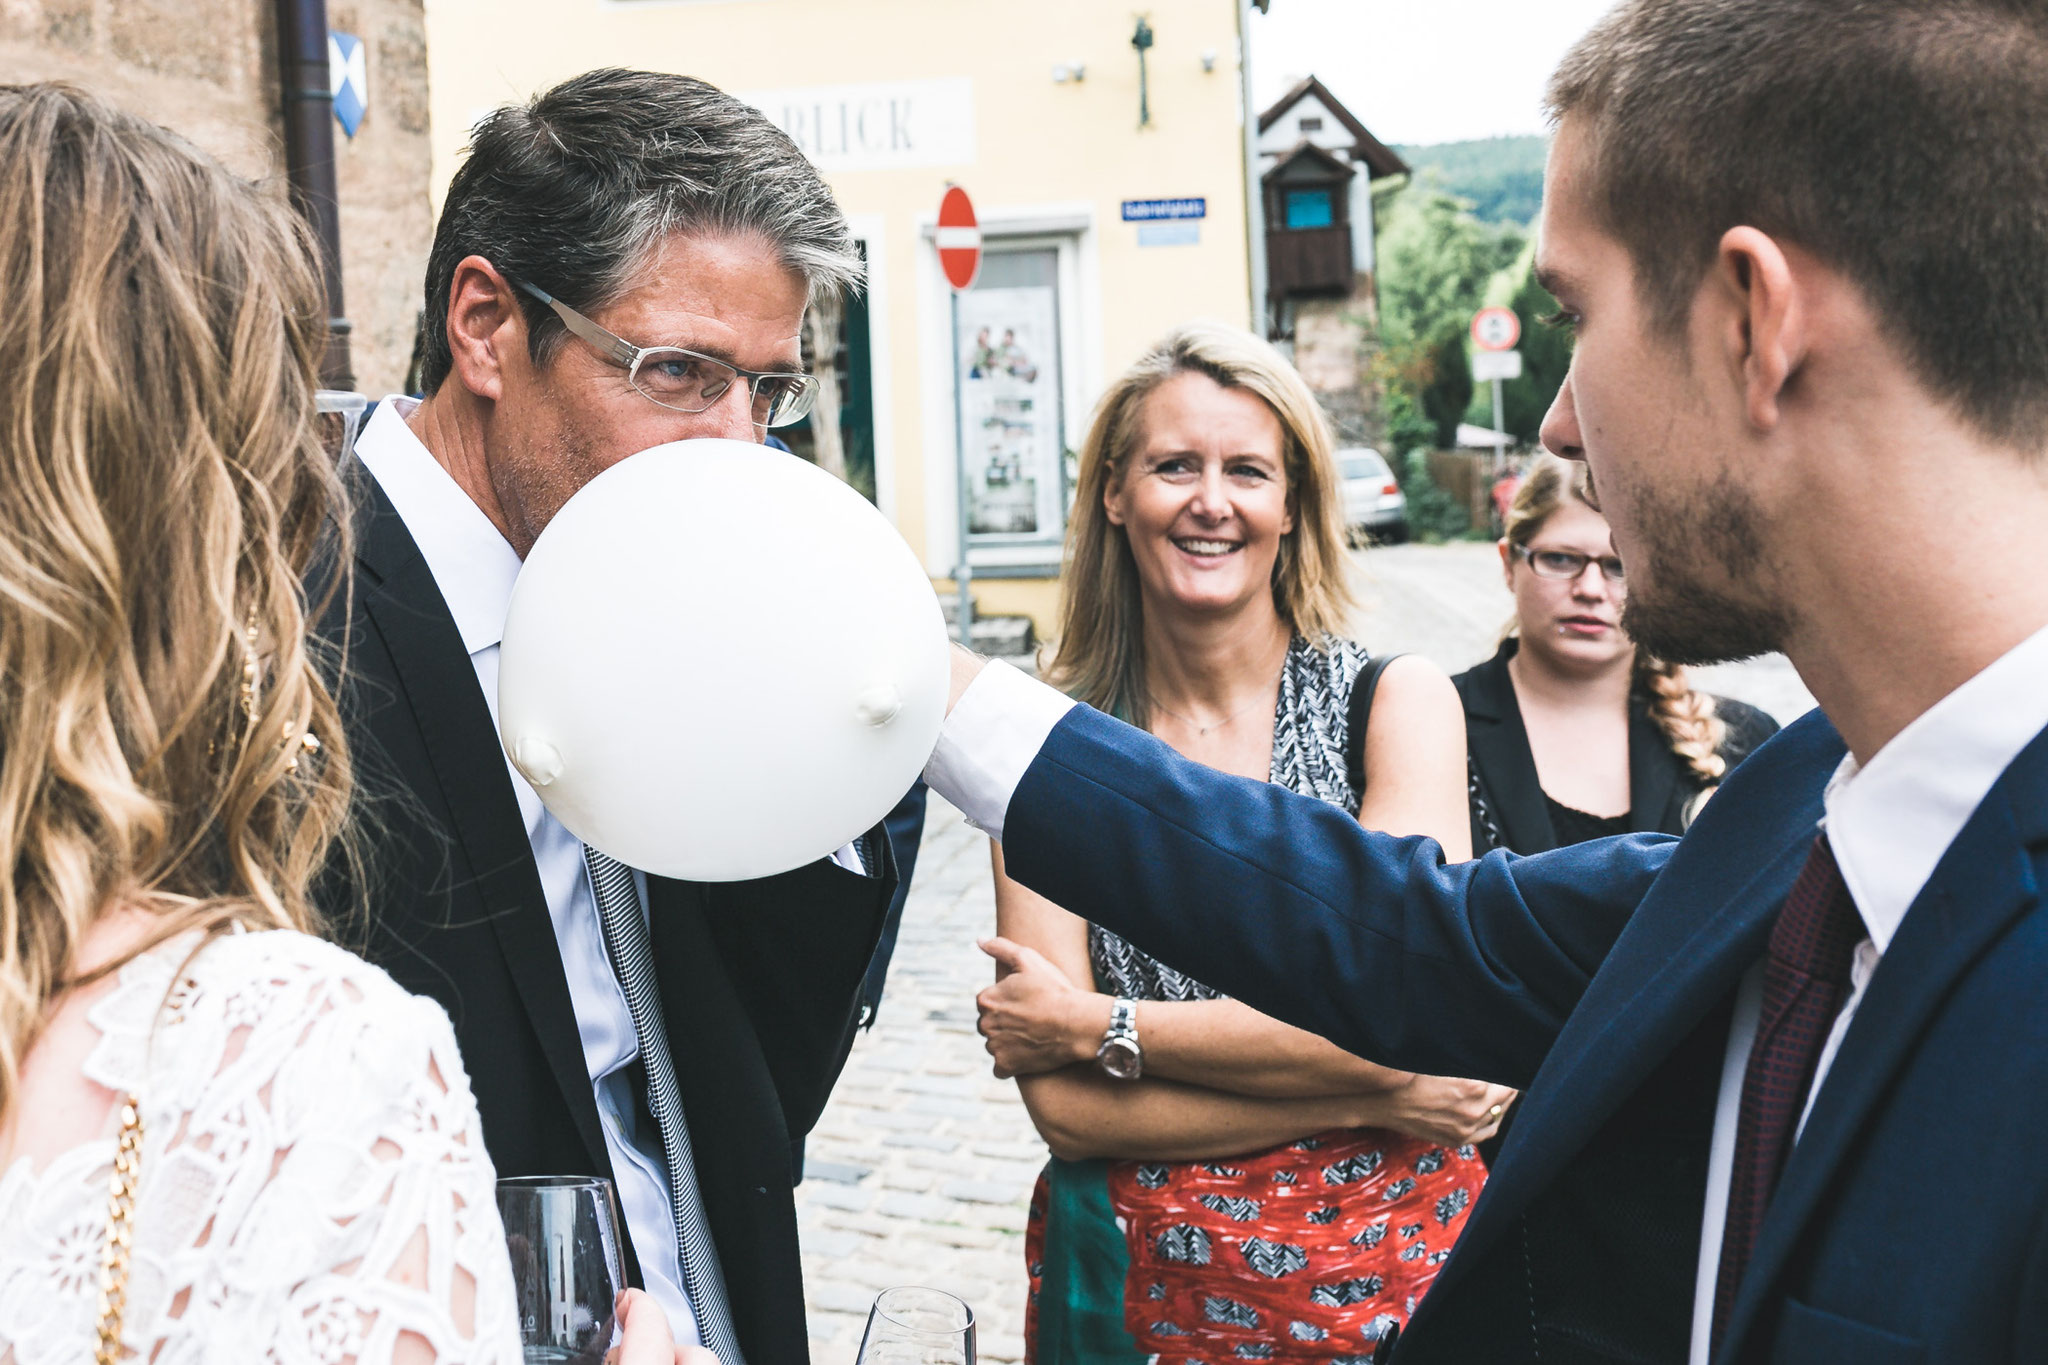 Hochzeitsfotograf in Schwabach